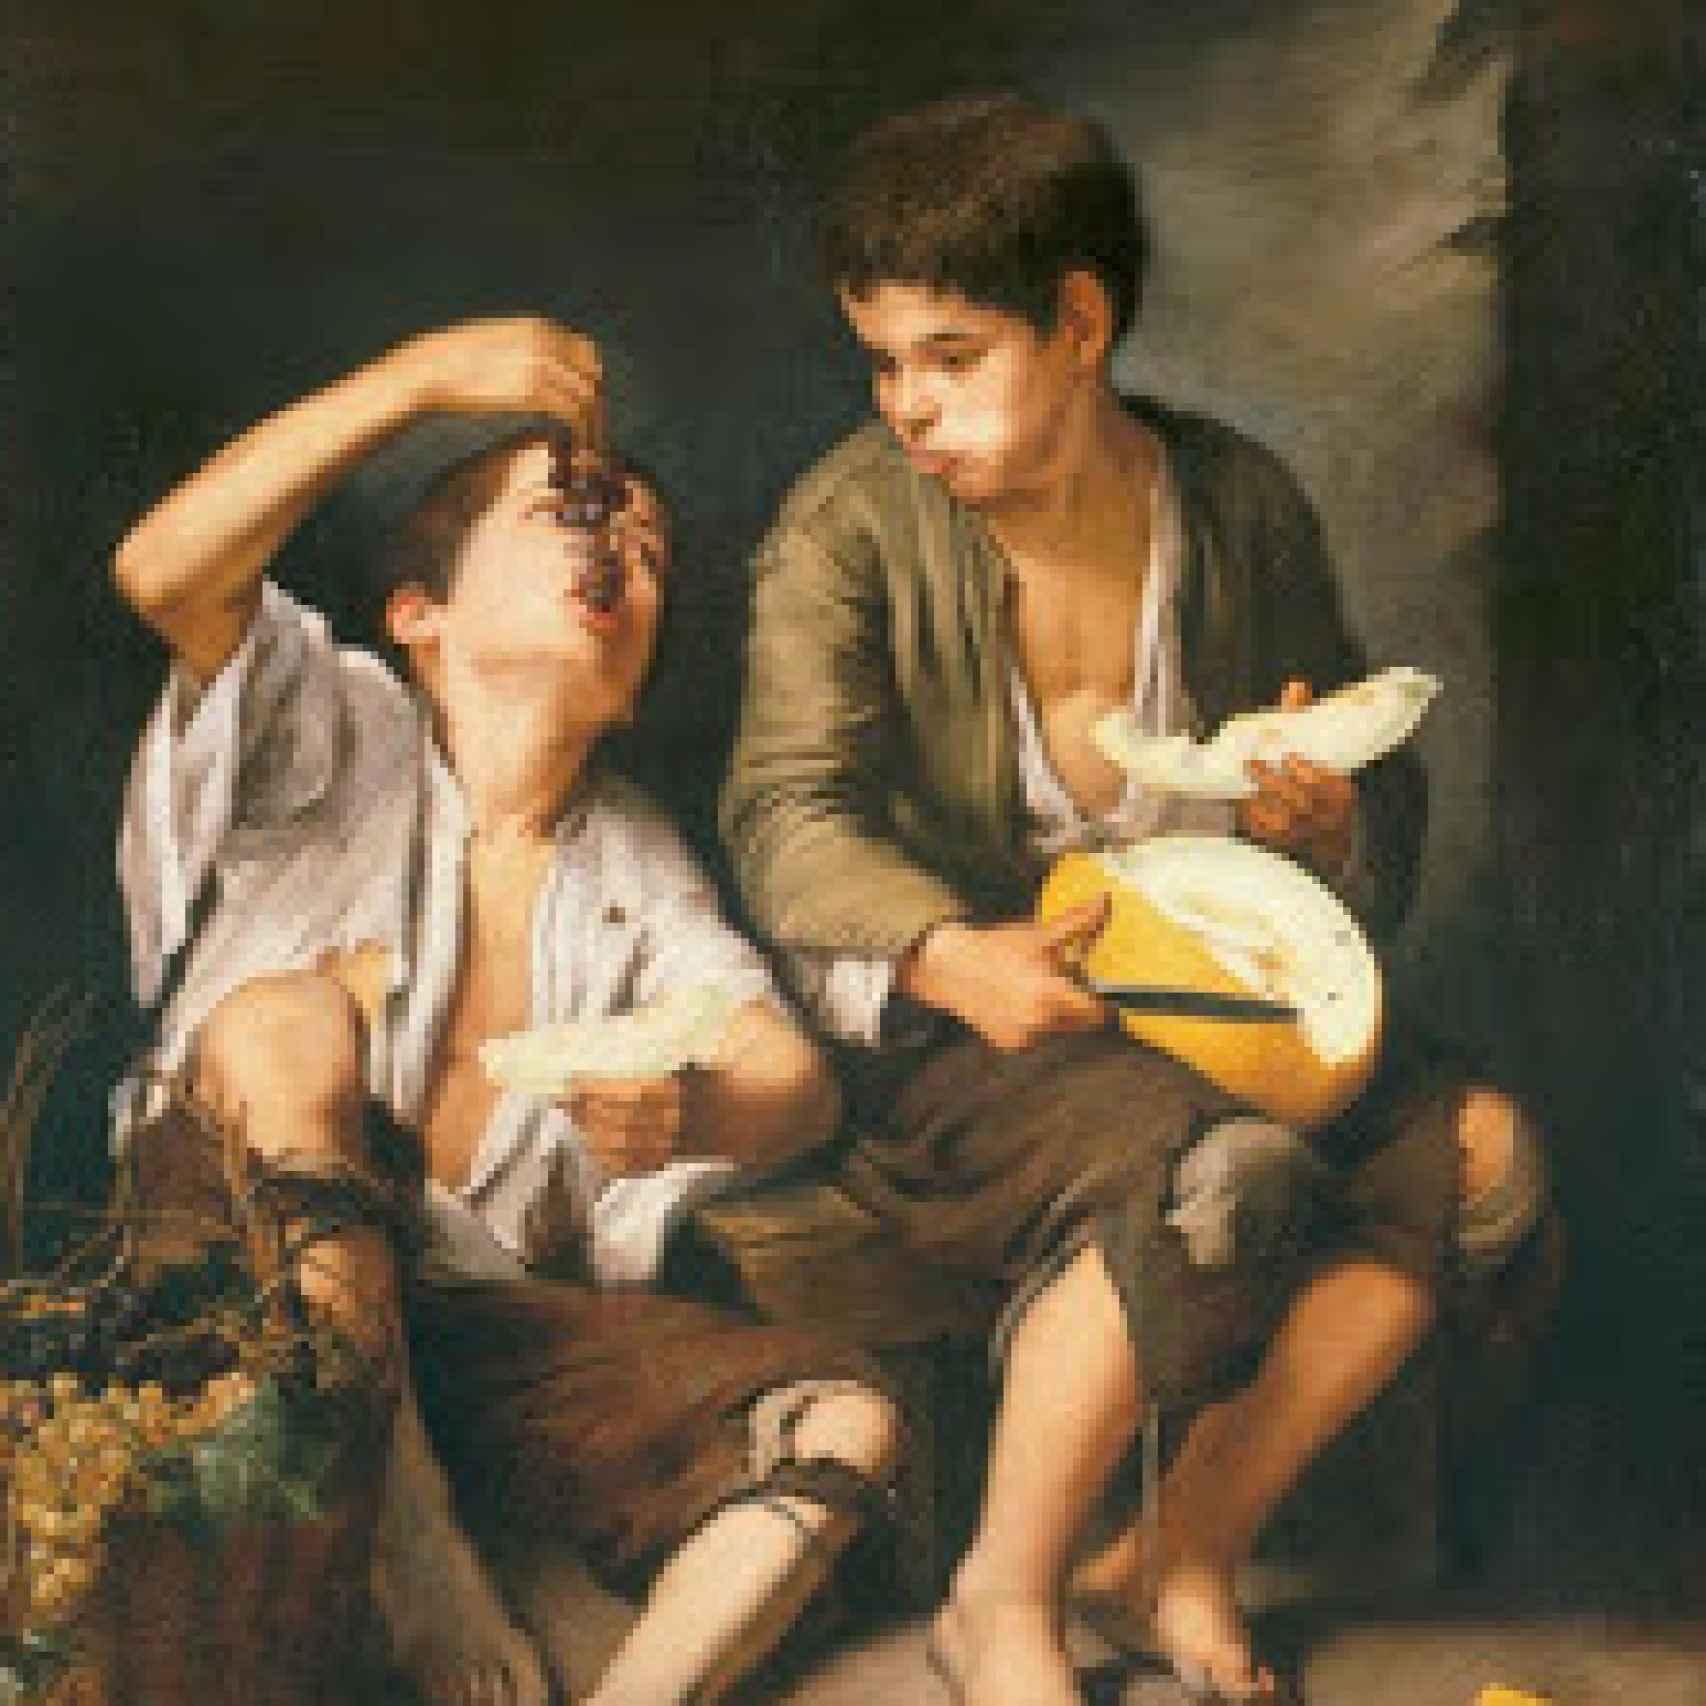 Niños comiendo uvas y melón, de Murillo, una representación de la picaresca.